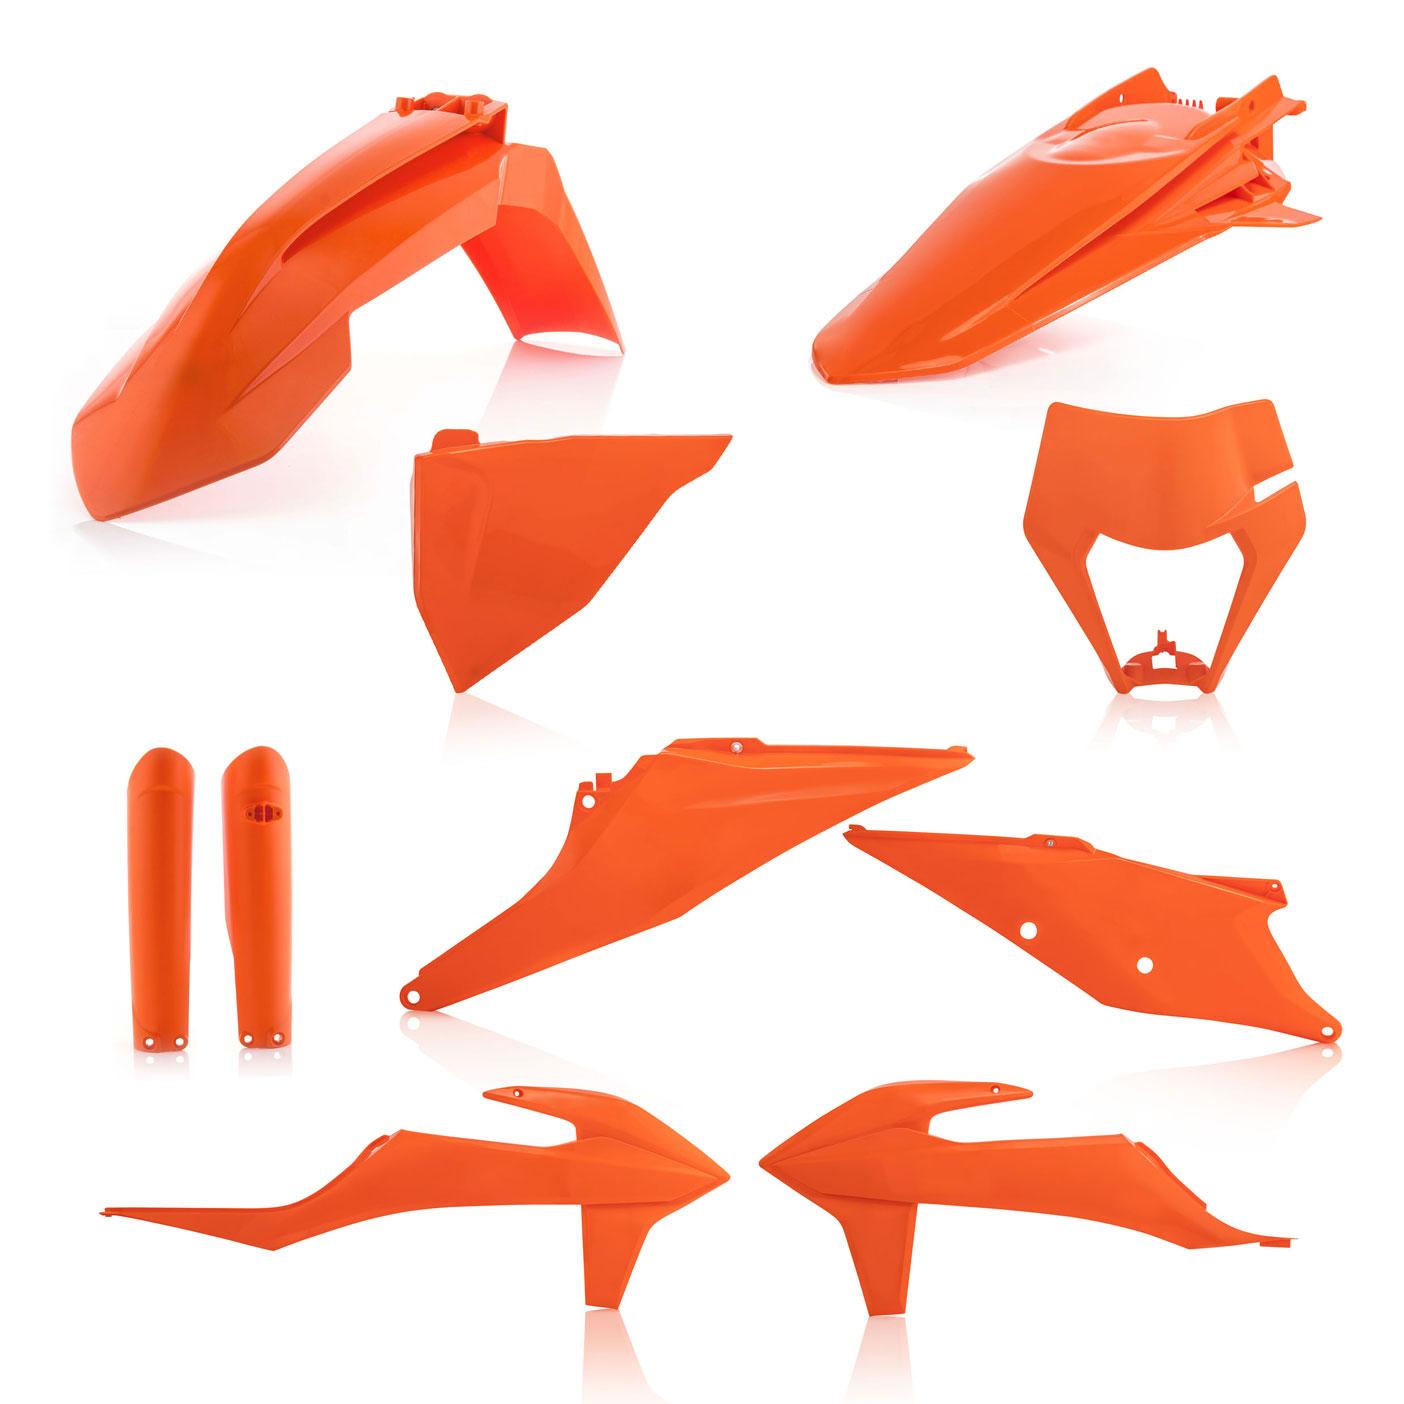 Plastikteile für deine KTM EXC und EXC-F in orange, bestehend aus Frontkotflügel, Heckkotflügel, Tankspoiler, Gabelschoner, Nummerntafeln und Lampenmaske